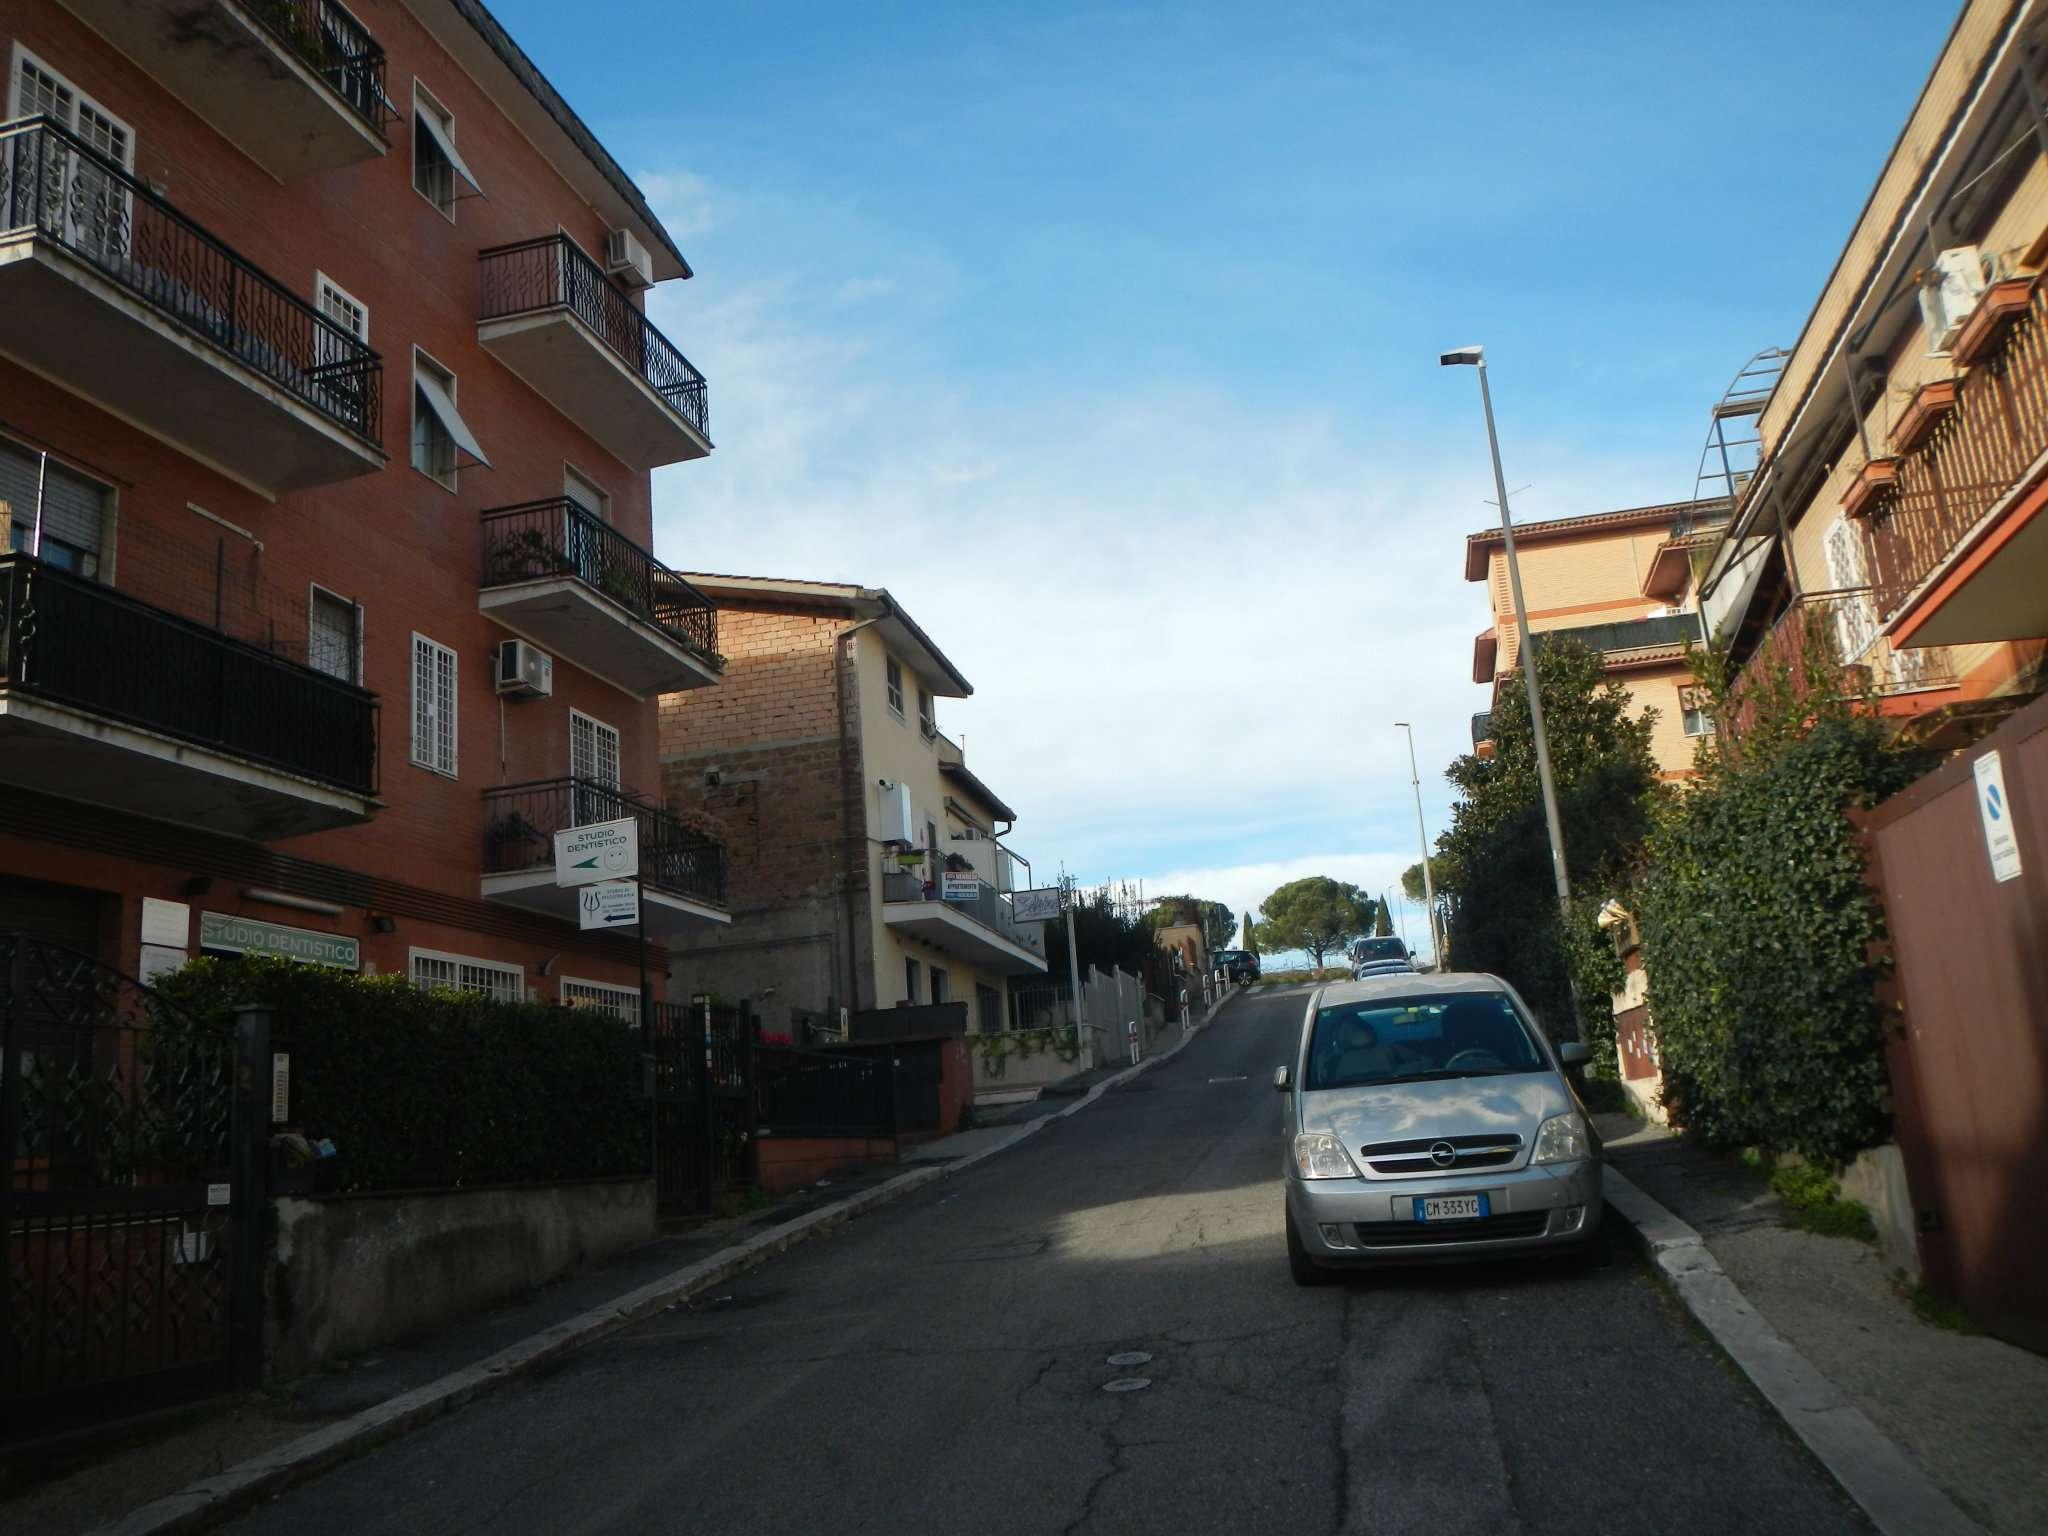 Appartamento in vendita a Roma, 3 locali, zona Zona: 33 . Quarto Casale, Labaro, Valle Muricana, Prima Porta, prezzo € 140.000 | CambioCasa.it